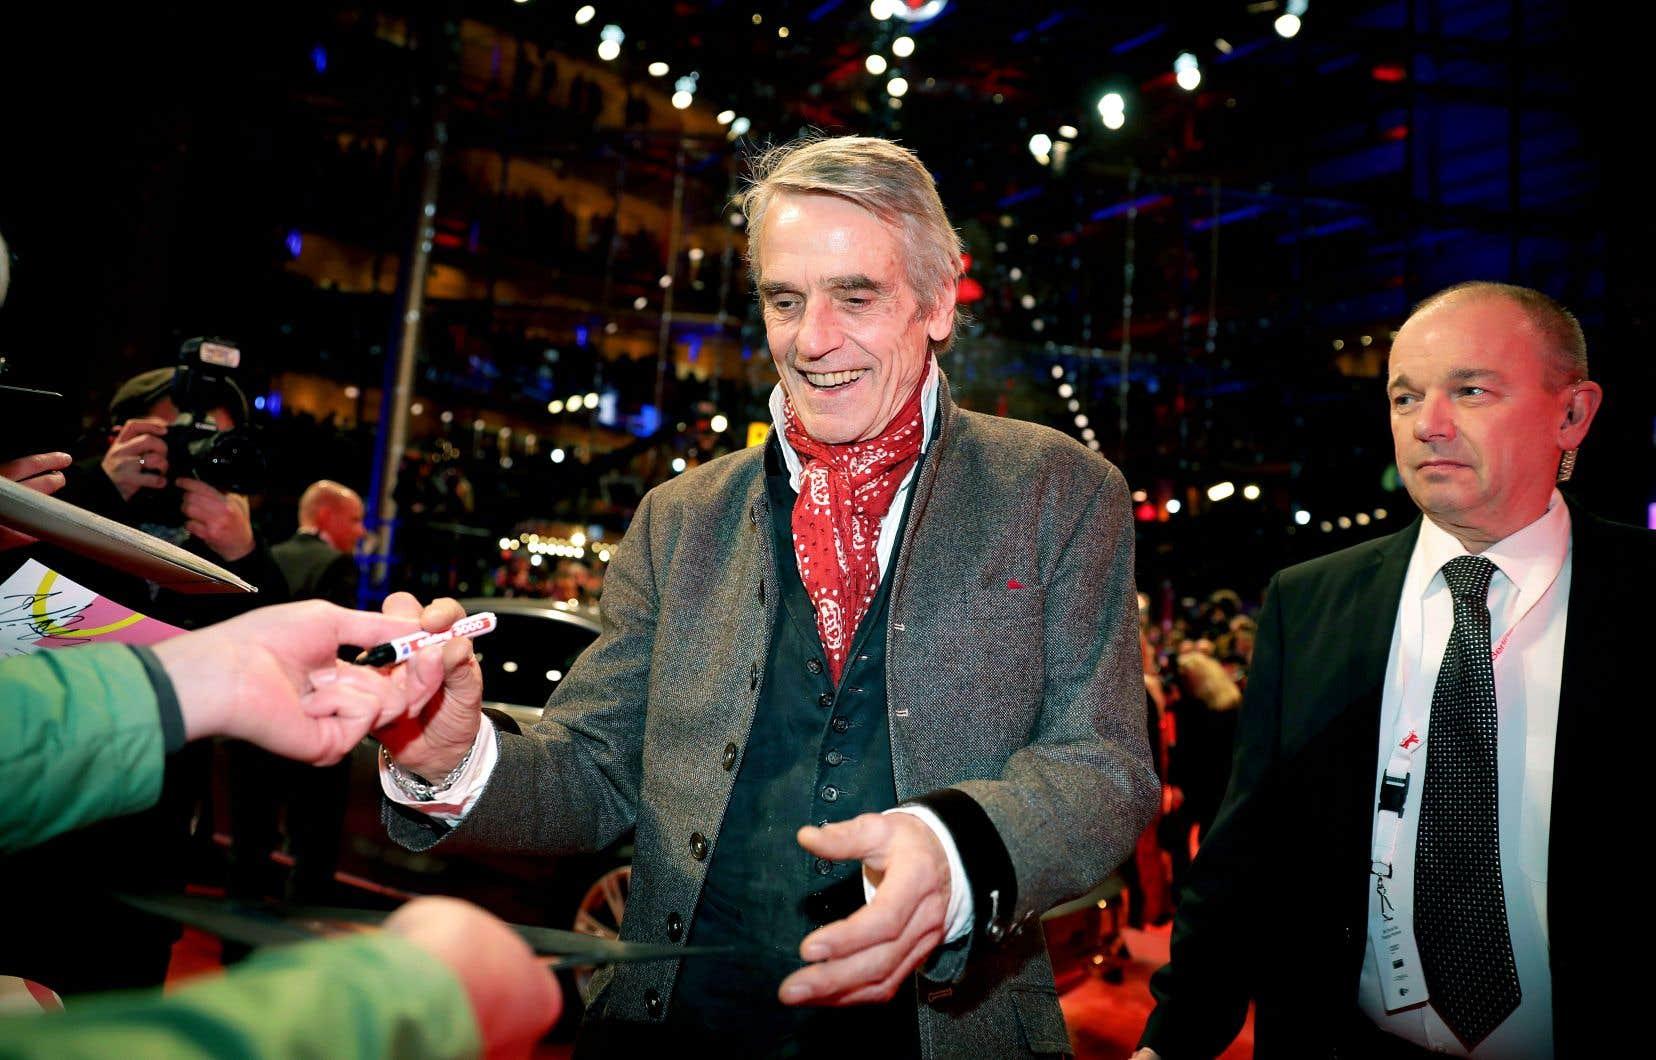 Le président du jury de la Berlinale, Jeremy Irons, a signé des autographes en arrivant au gala d'ouverture de la 70e édition du festival, jeudi.